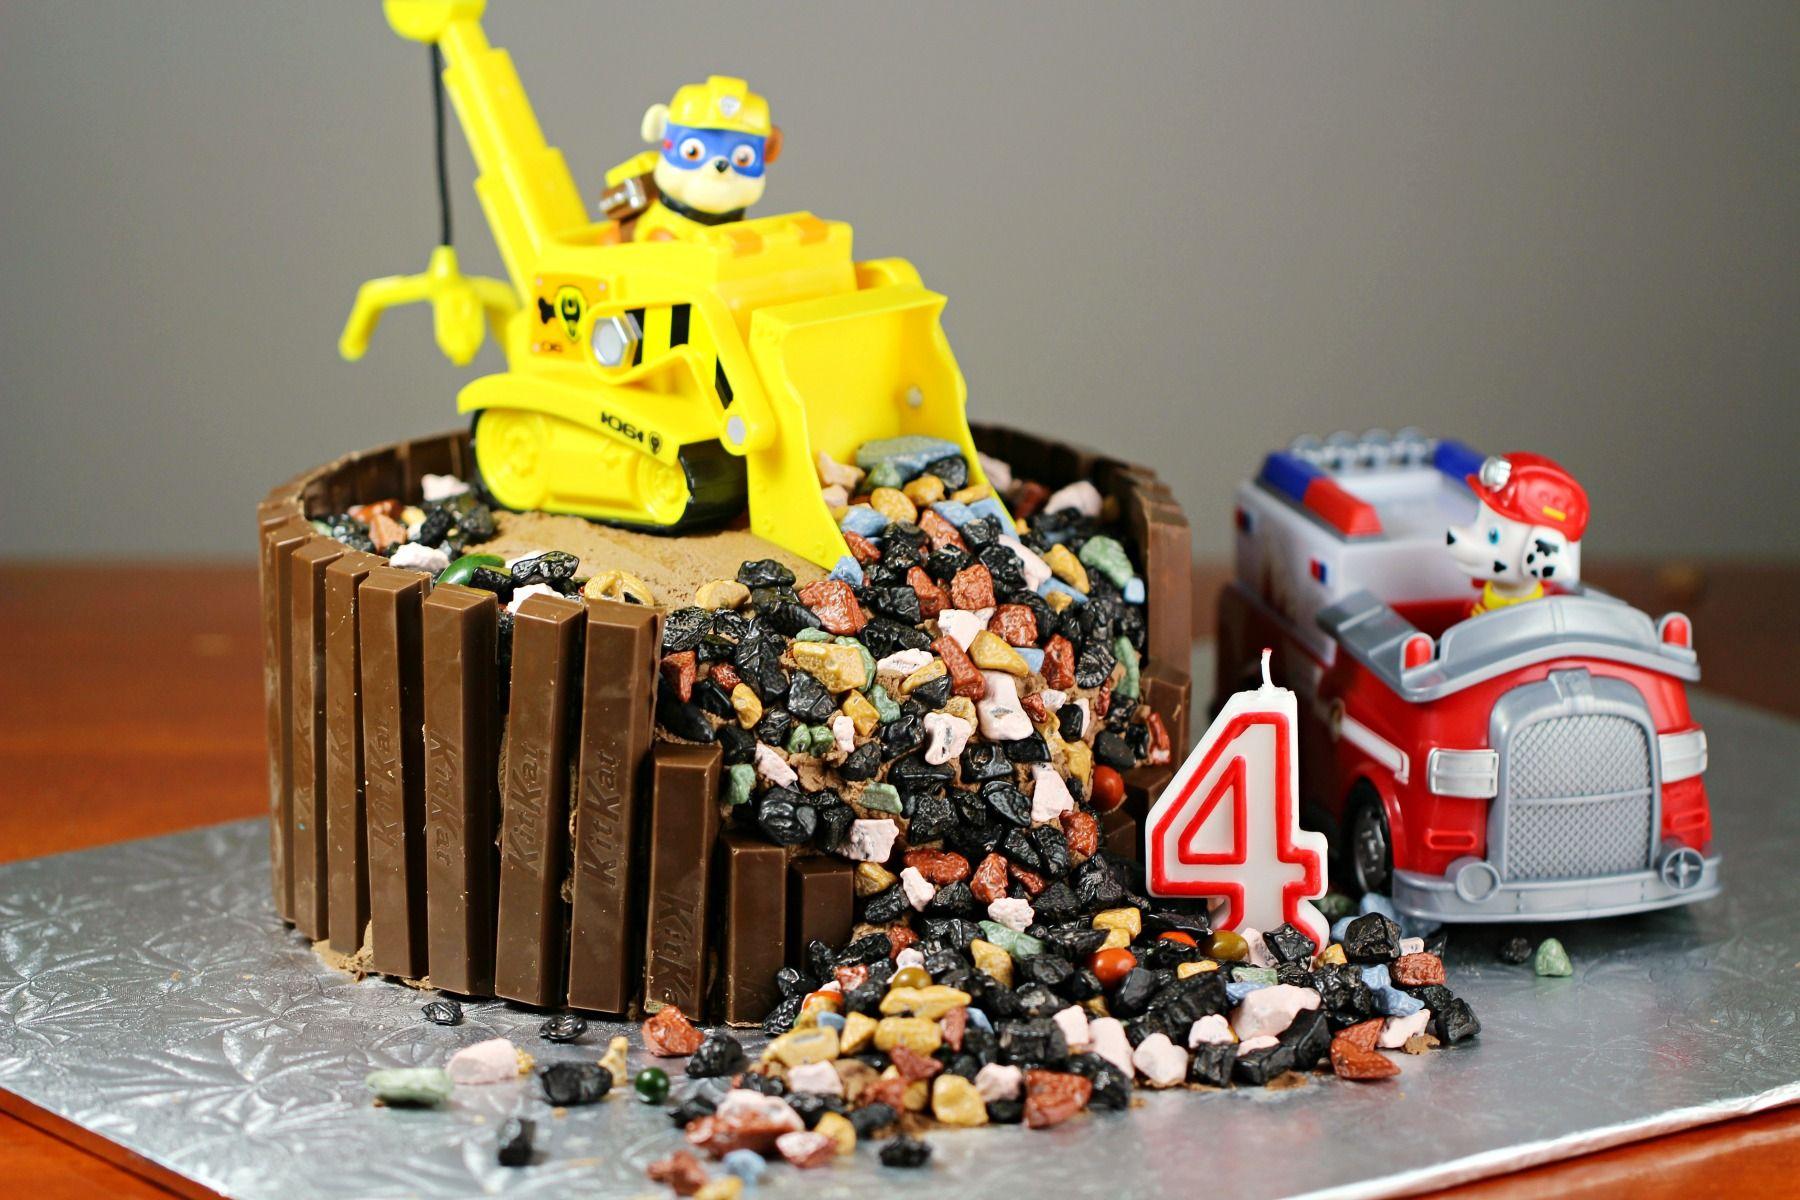 Paw patrol birthday cake recipe paw patrol birthday